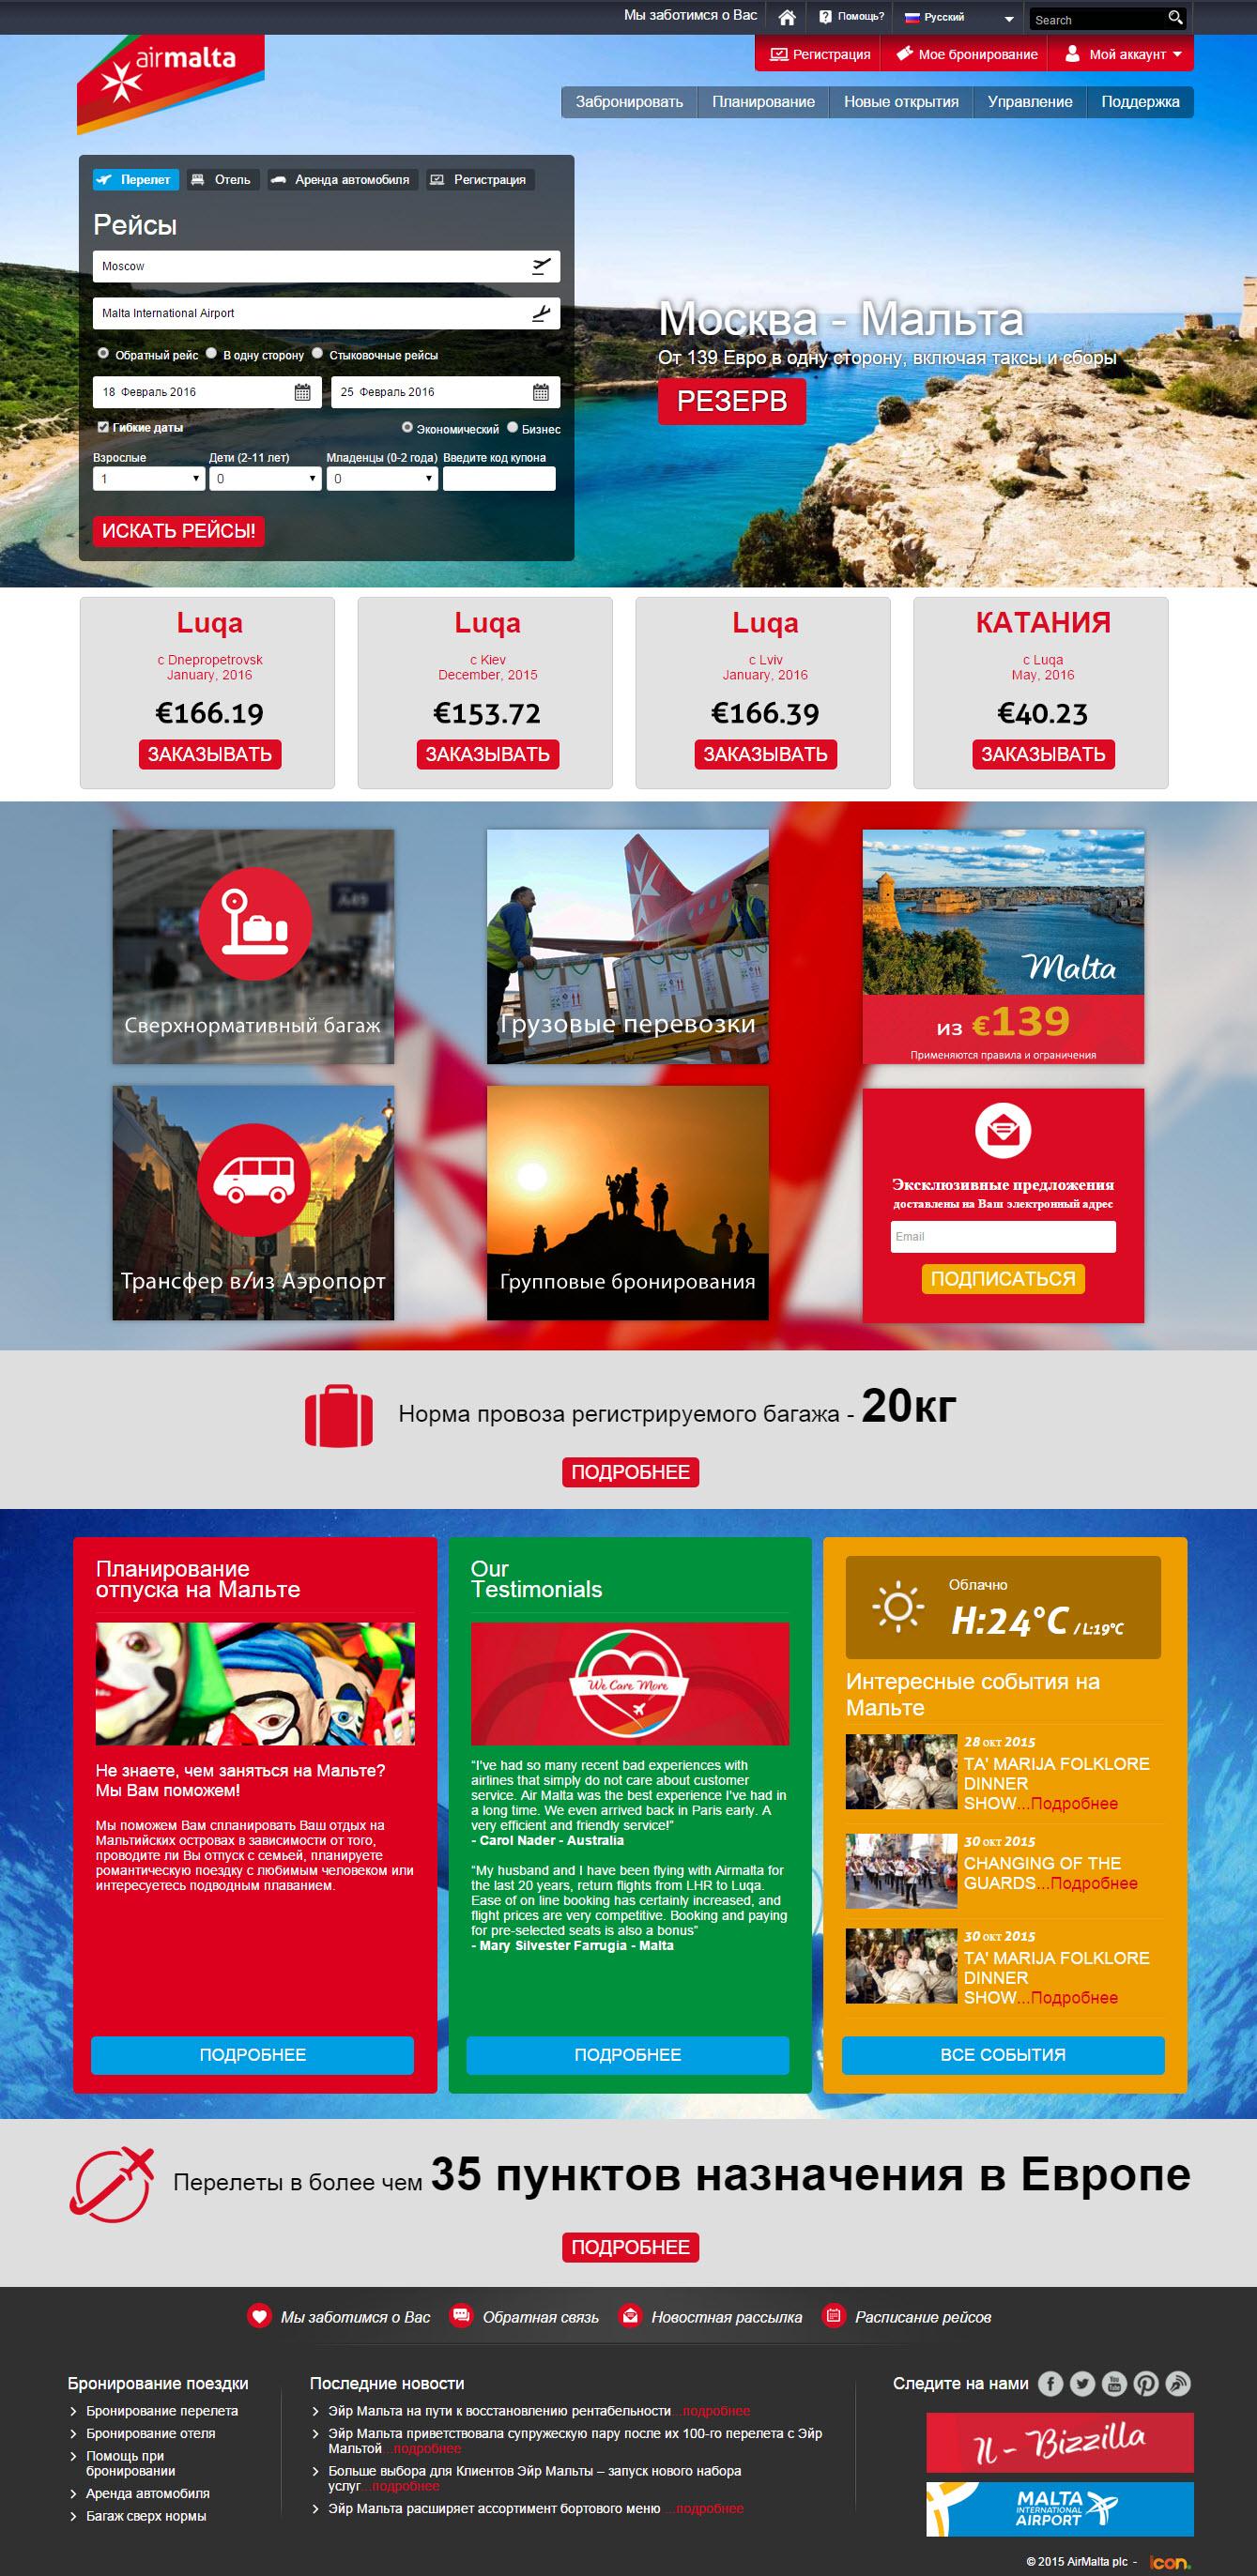 Air Malta запустила обновленный веб сайт